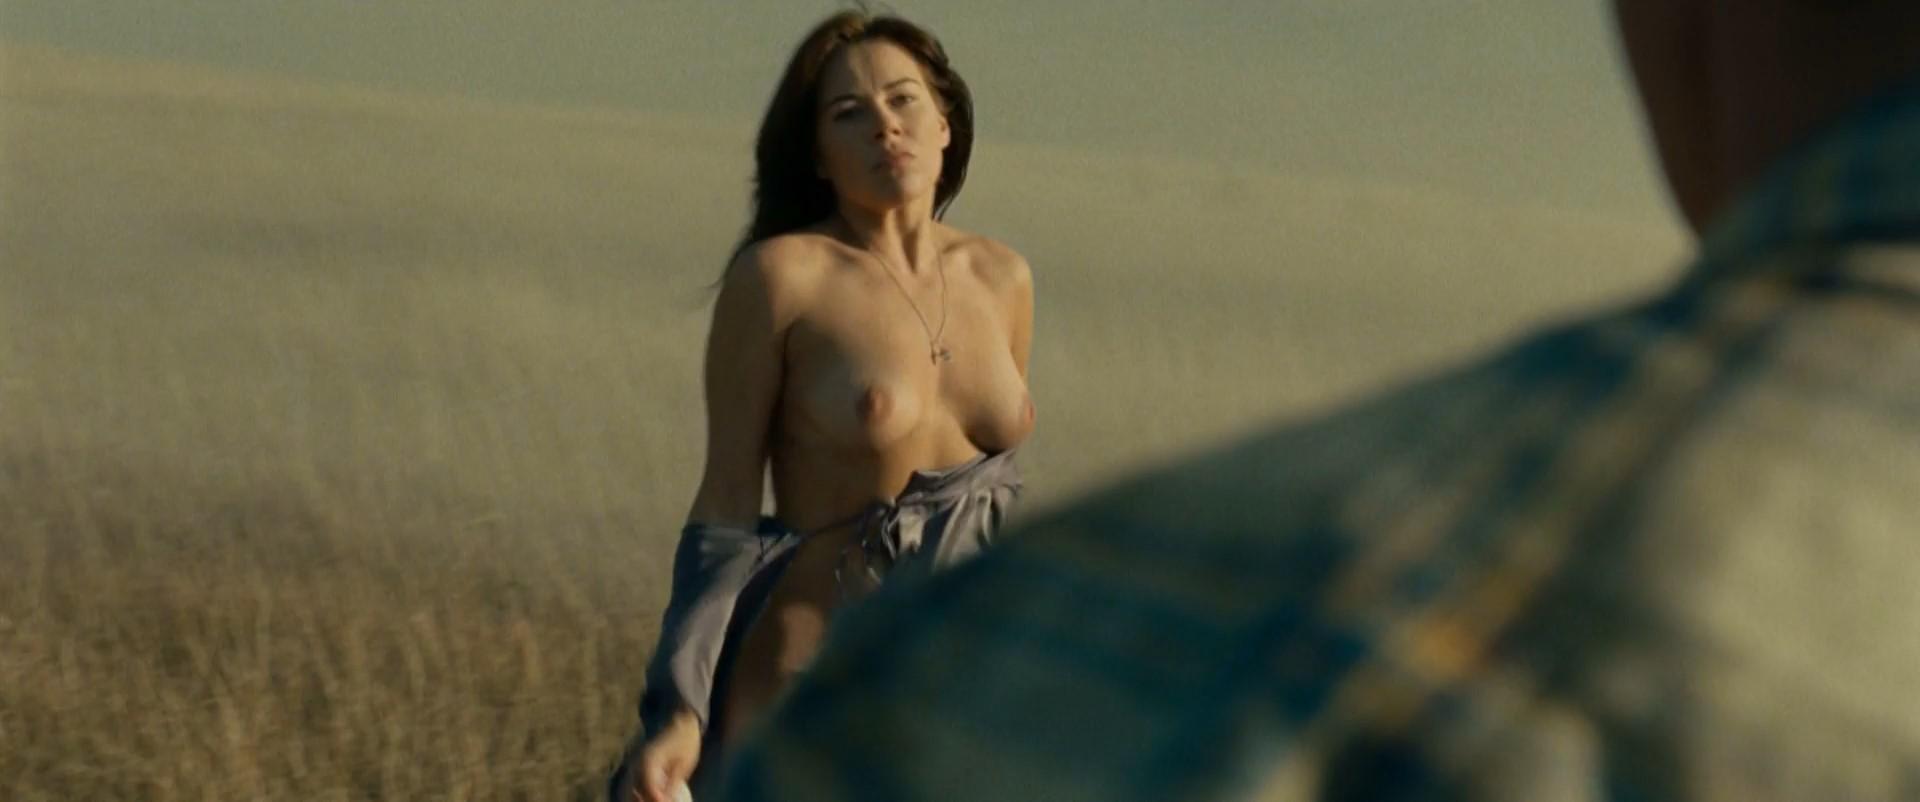 Blampied  nackt Rachel Nude Celebs